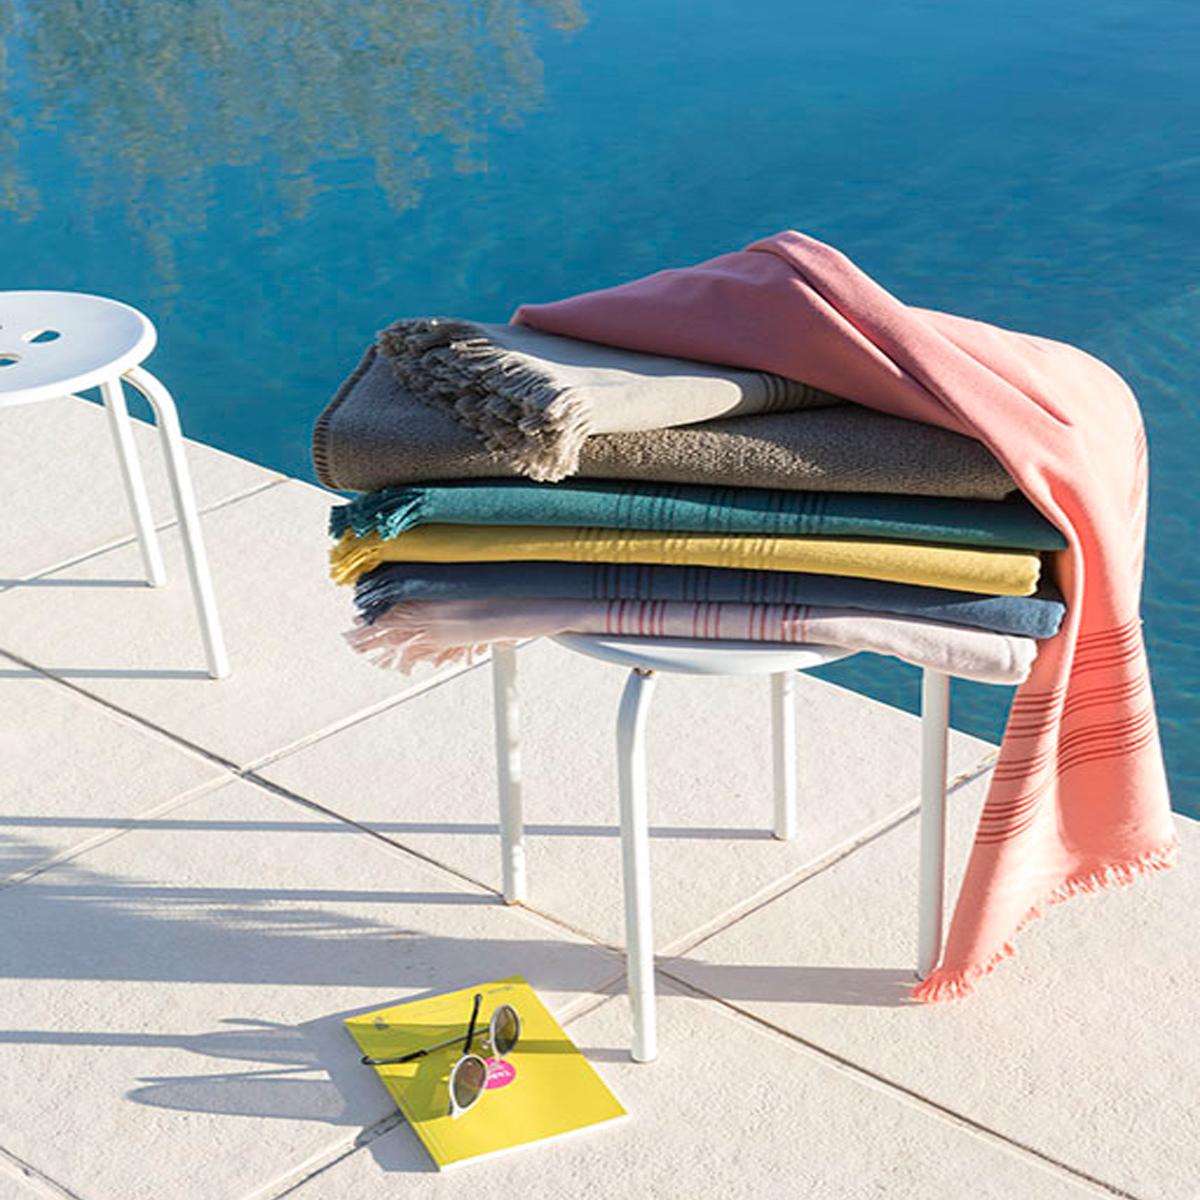 Walra Hamamtuch 100 x 180 cmSaunatuch aus 100/% Baumwolle in 6 Farben